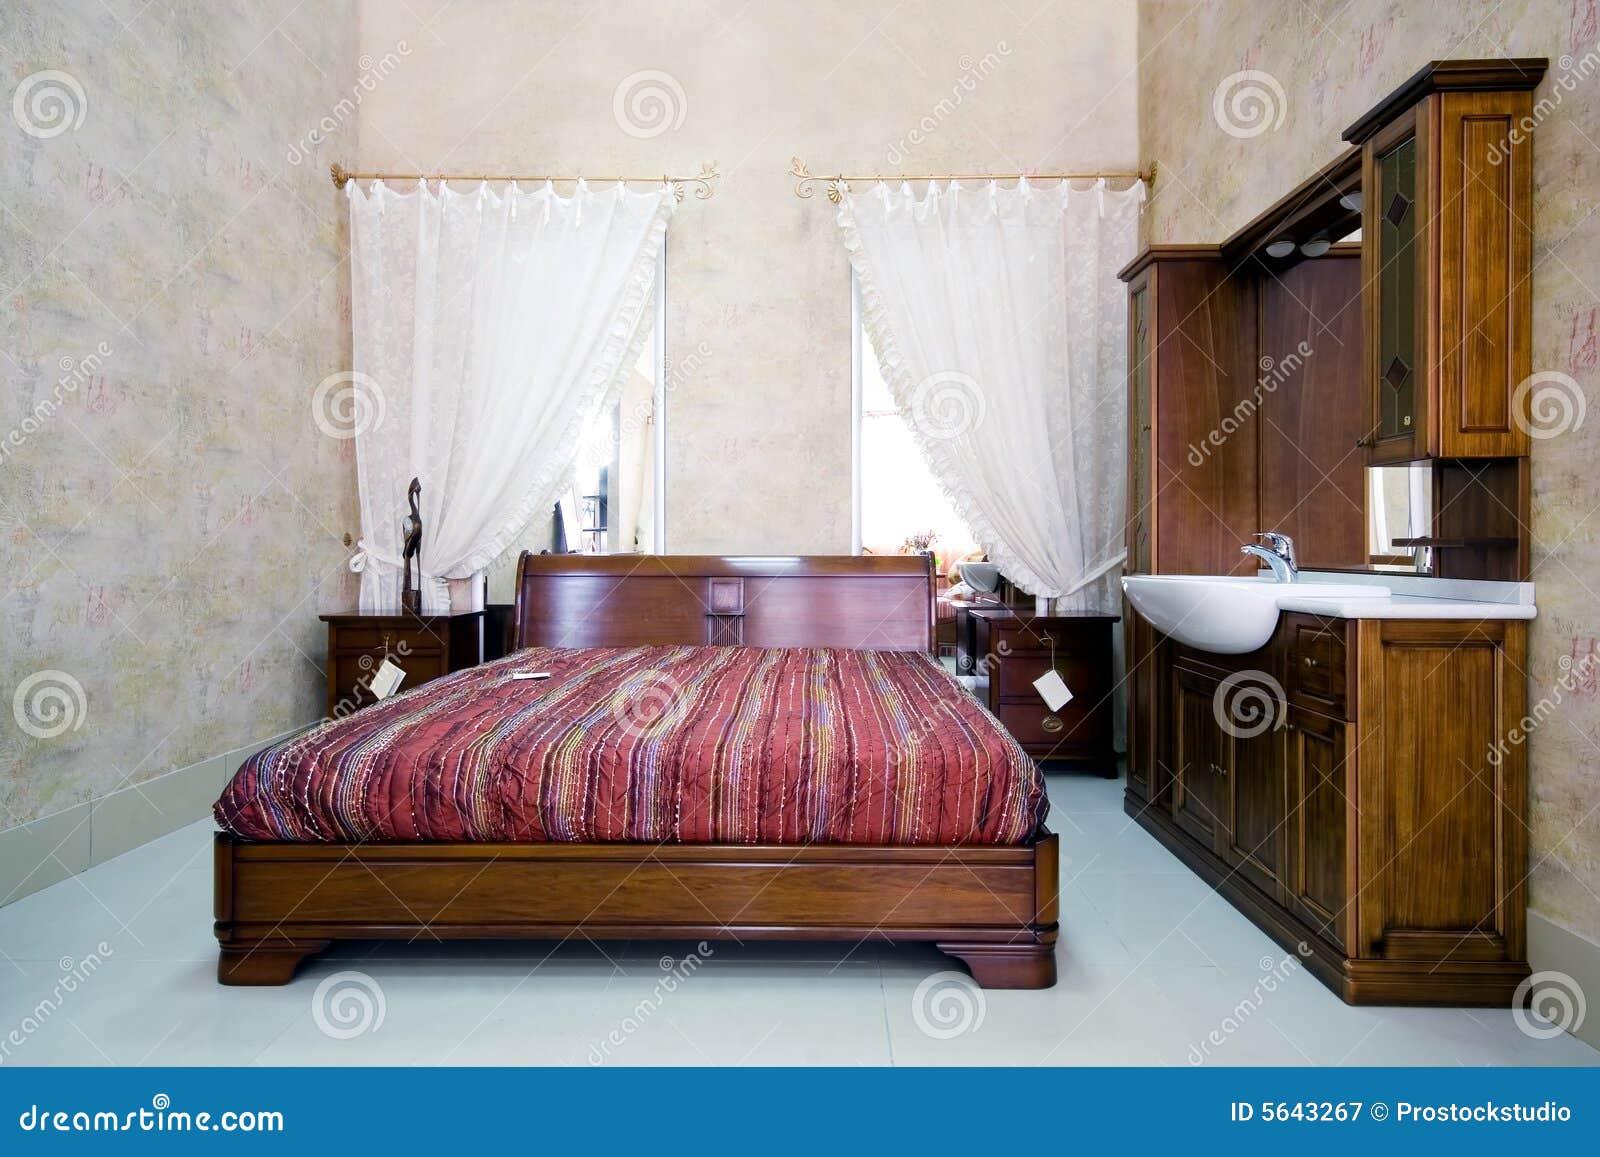 Chambre coucher en bois classique dans la salle d for Chambre libre